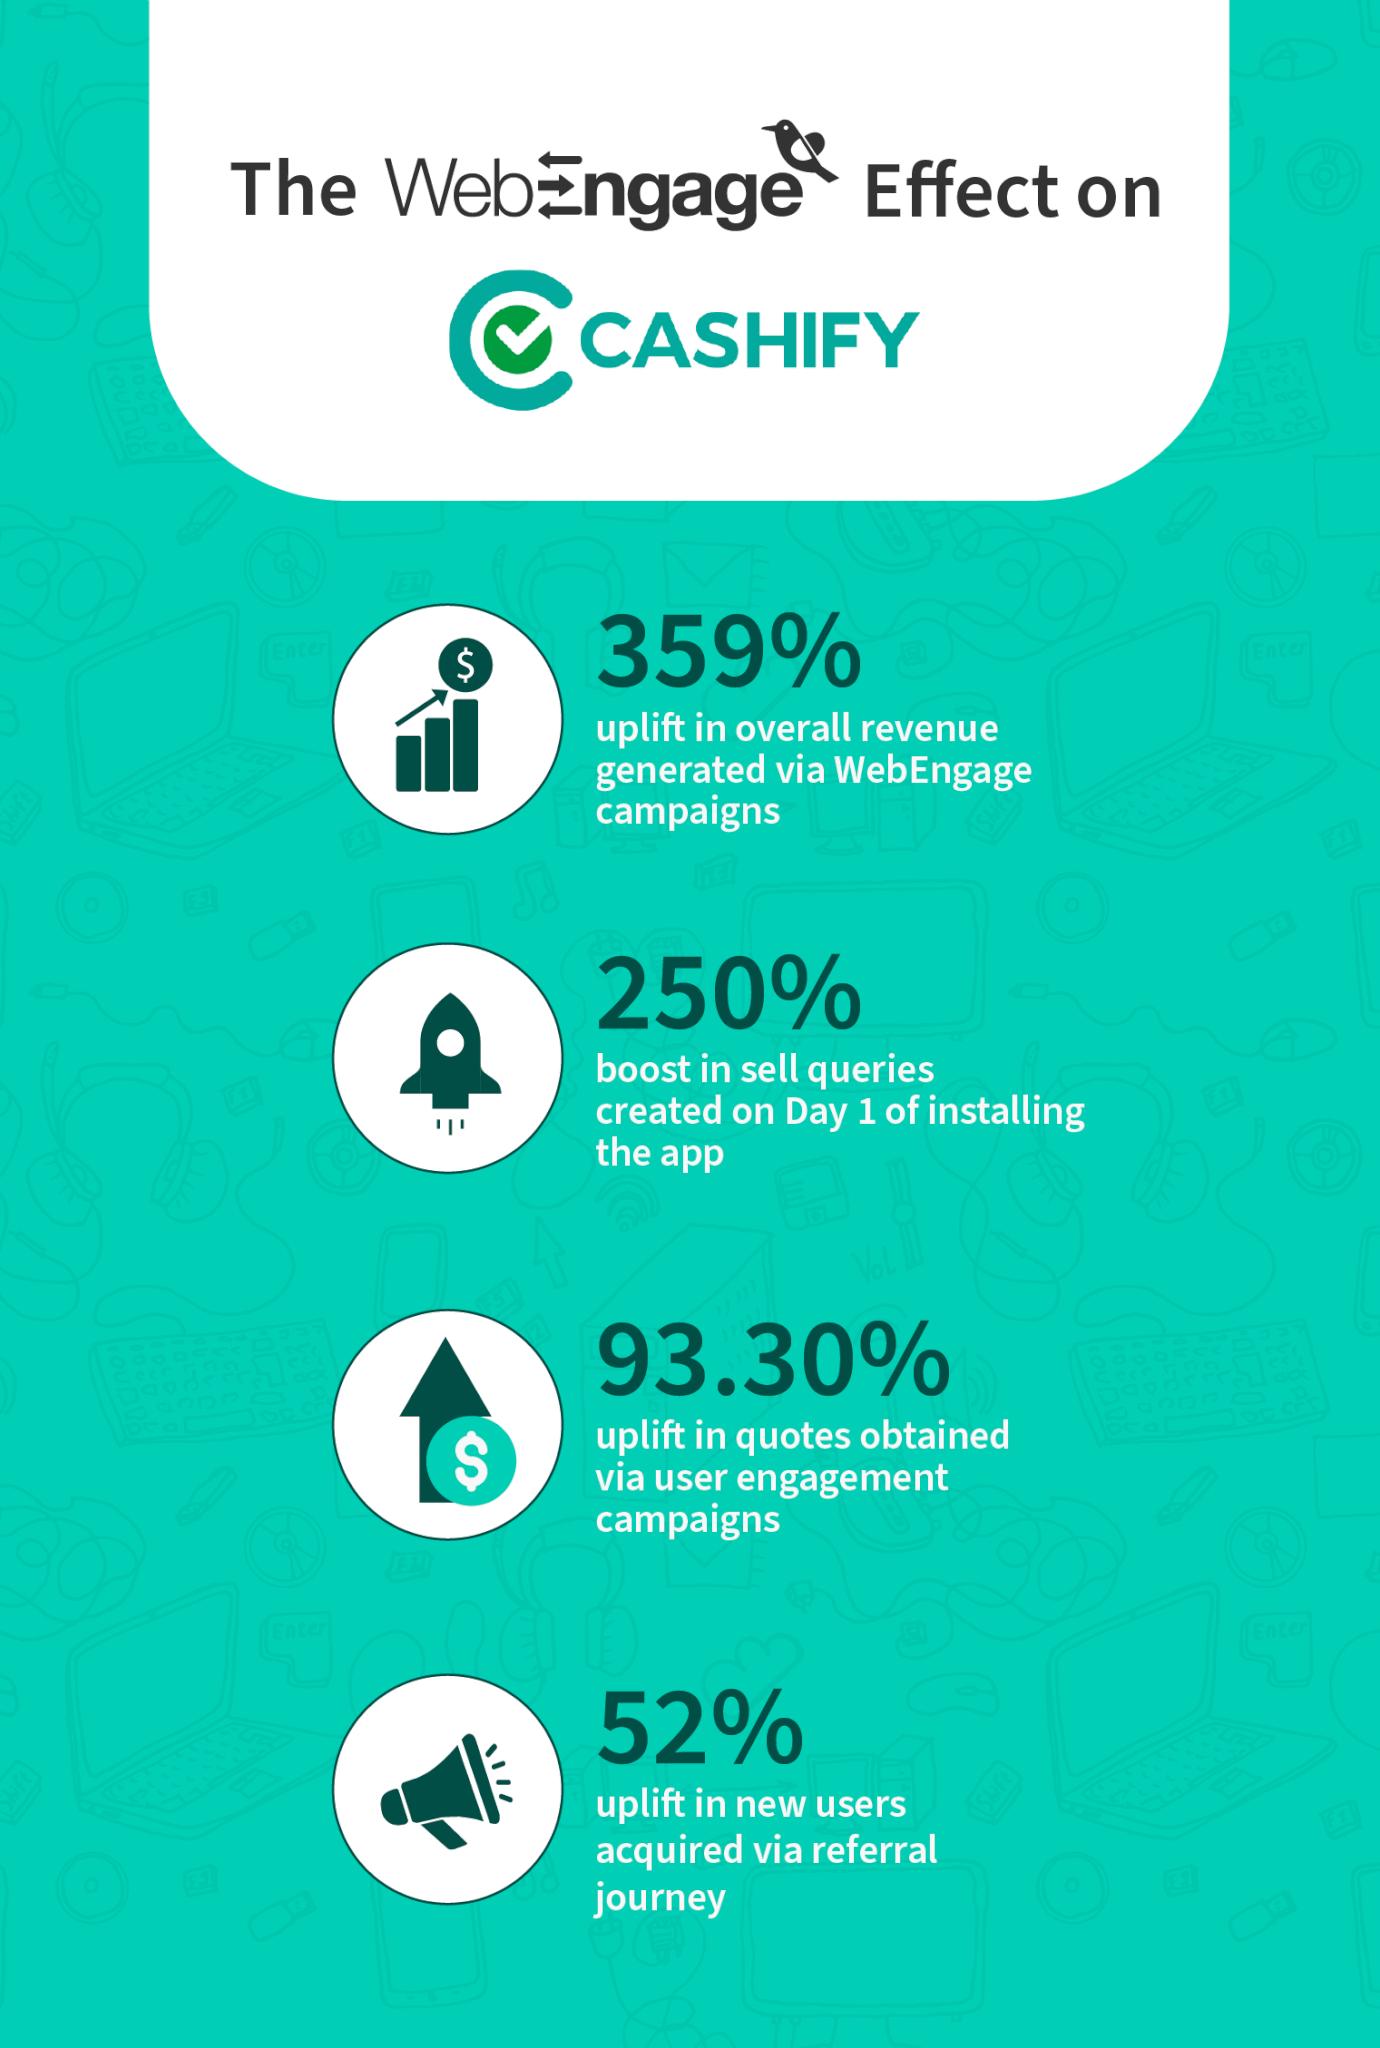 The WebEngage effect on Cashify